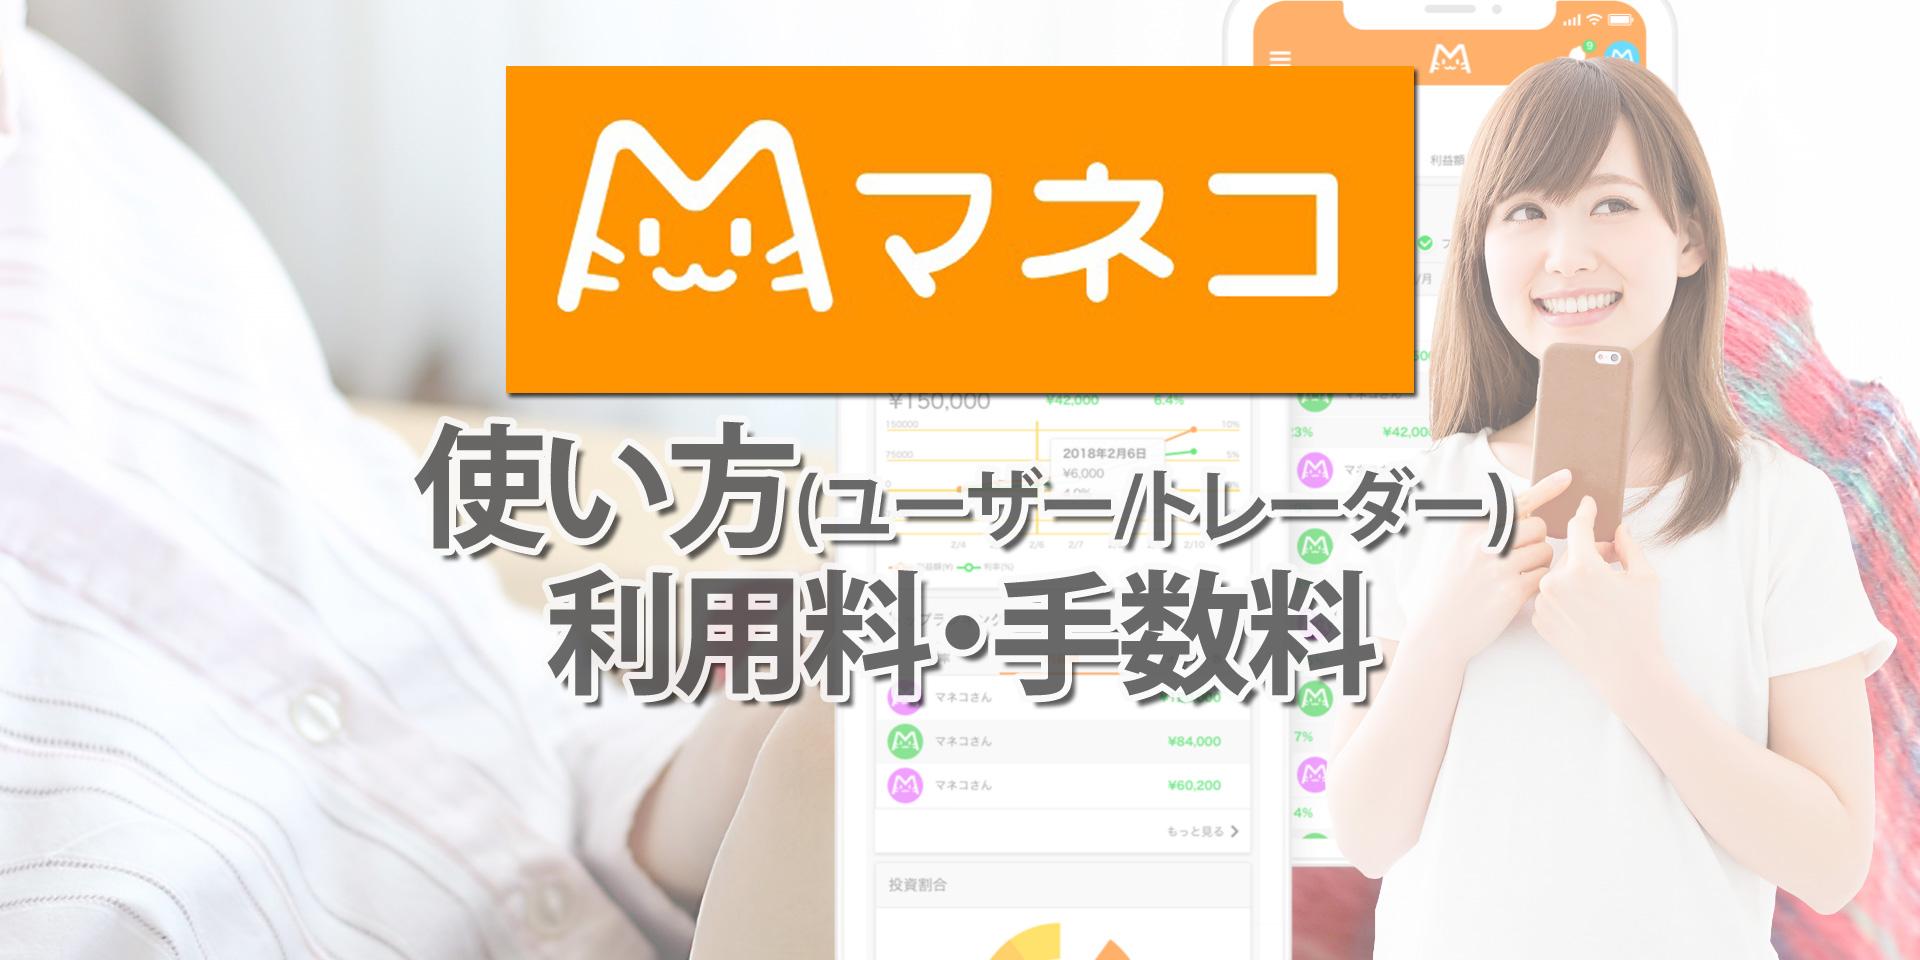 マネコ(moneco)使い方(ユーザー,トレーダー)利用料・手数料